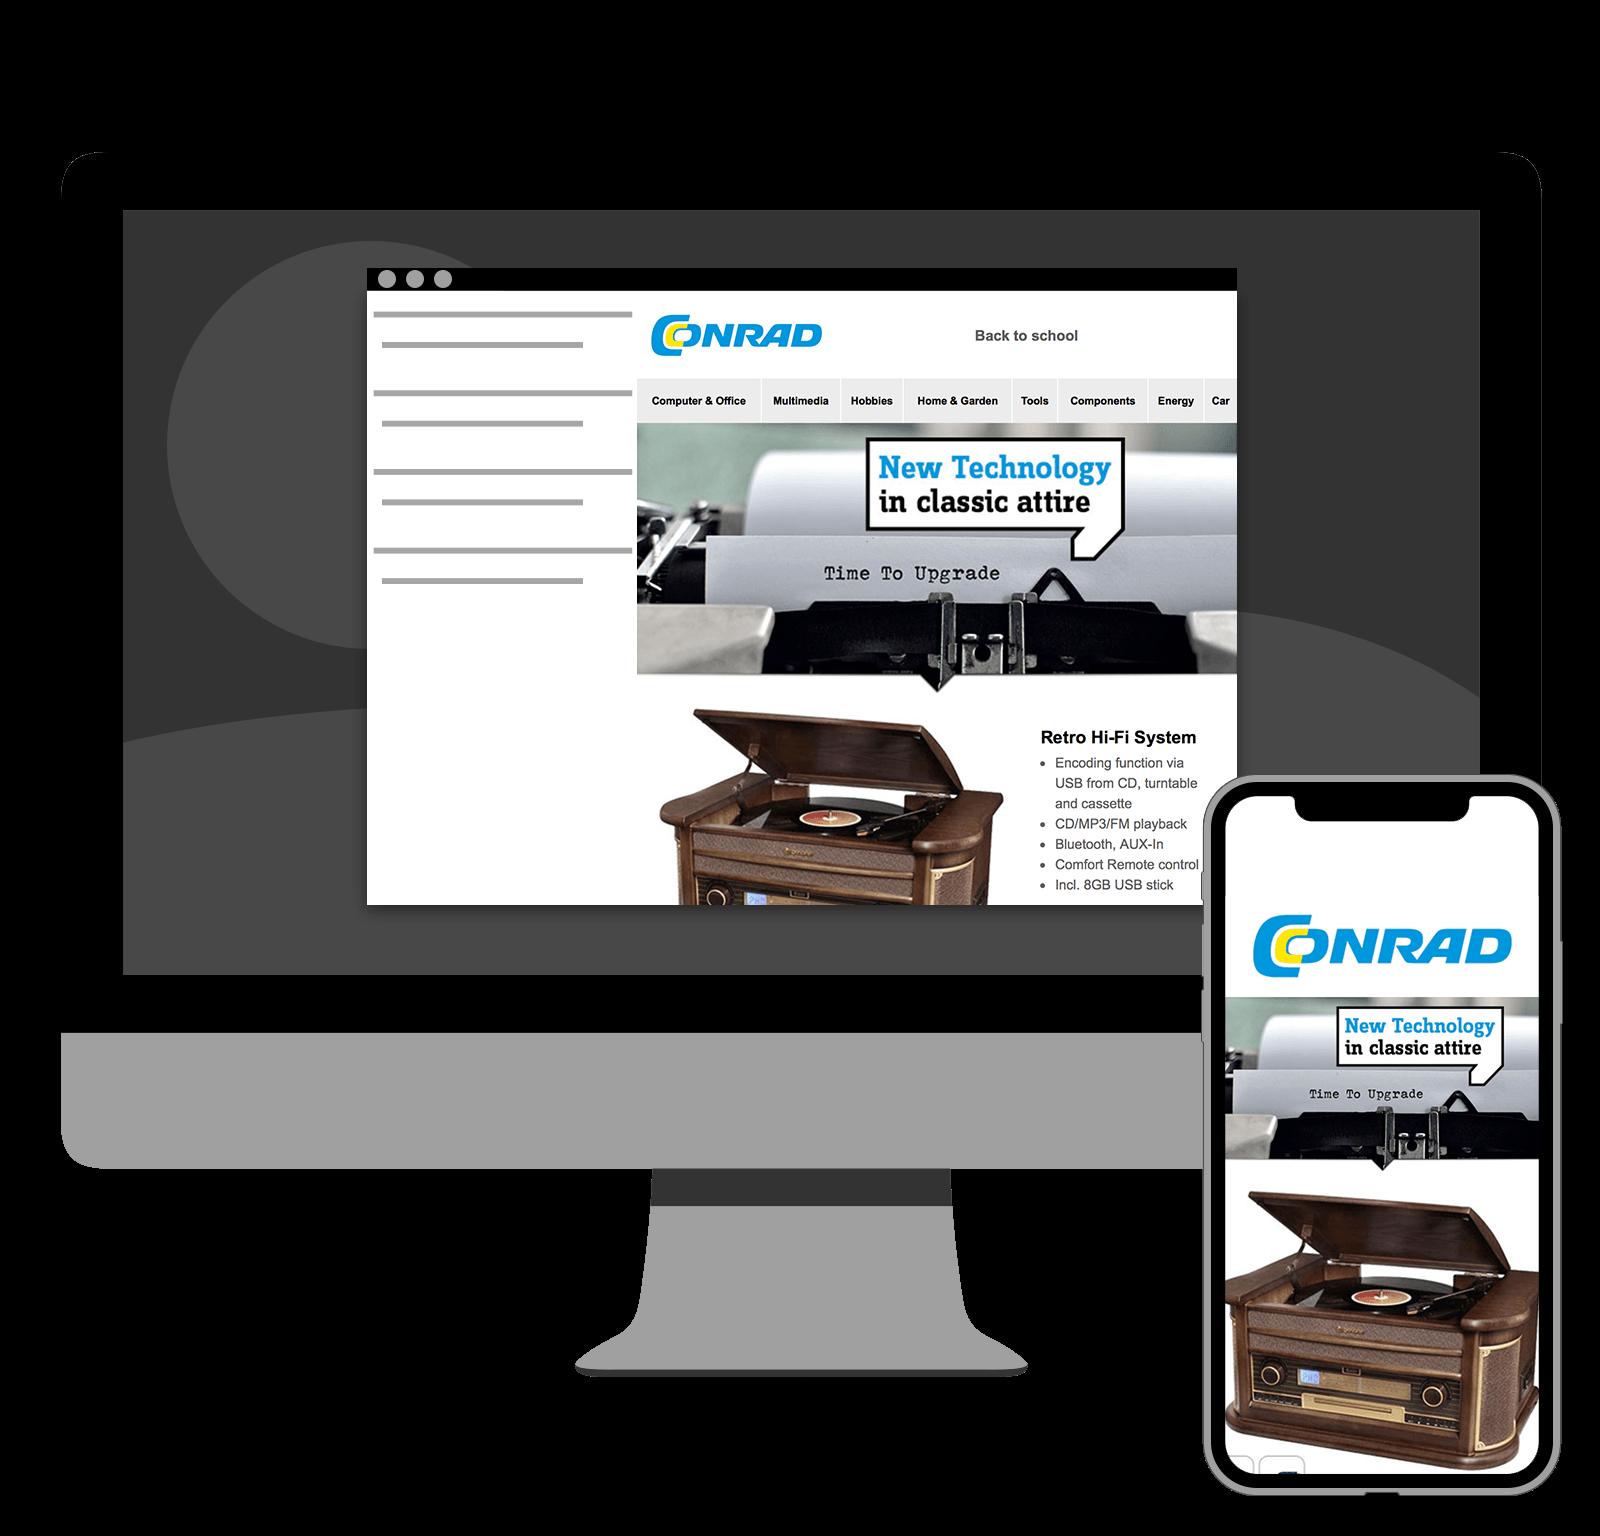 Conrad.com: Responsive newsletter preview